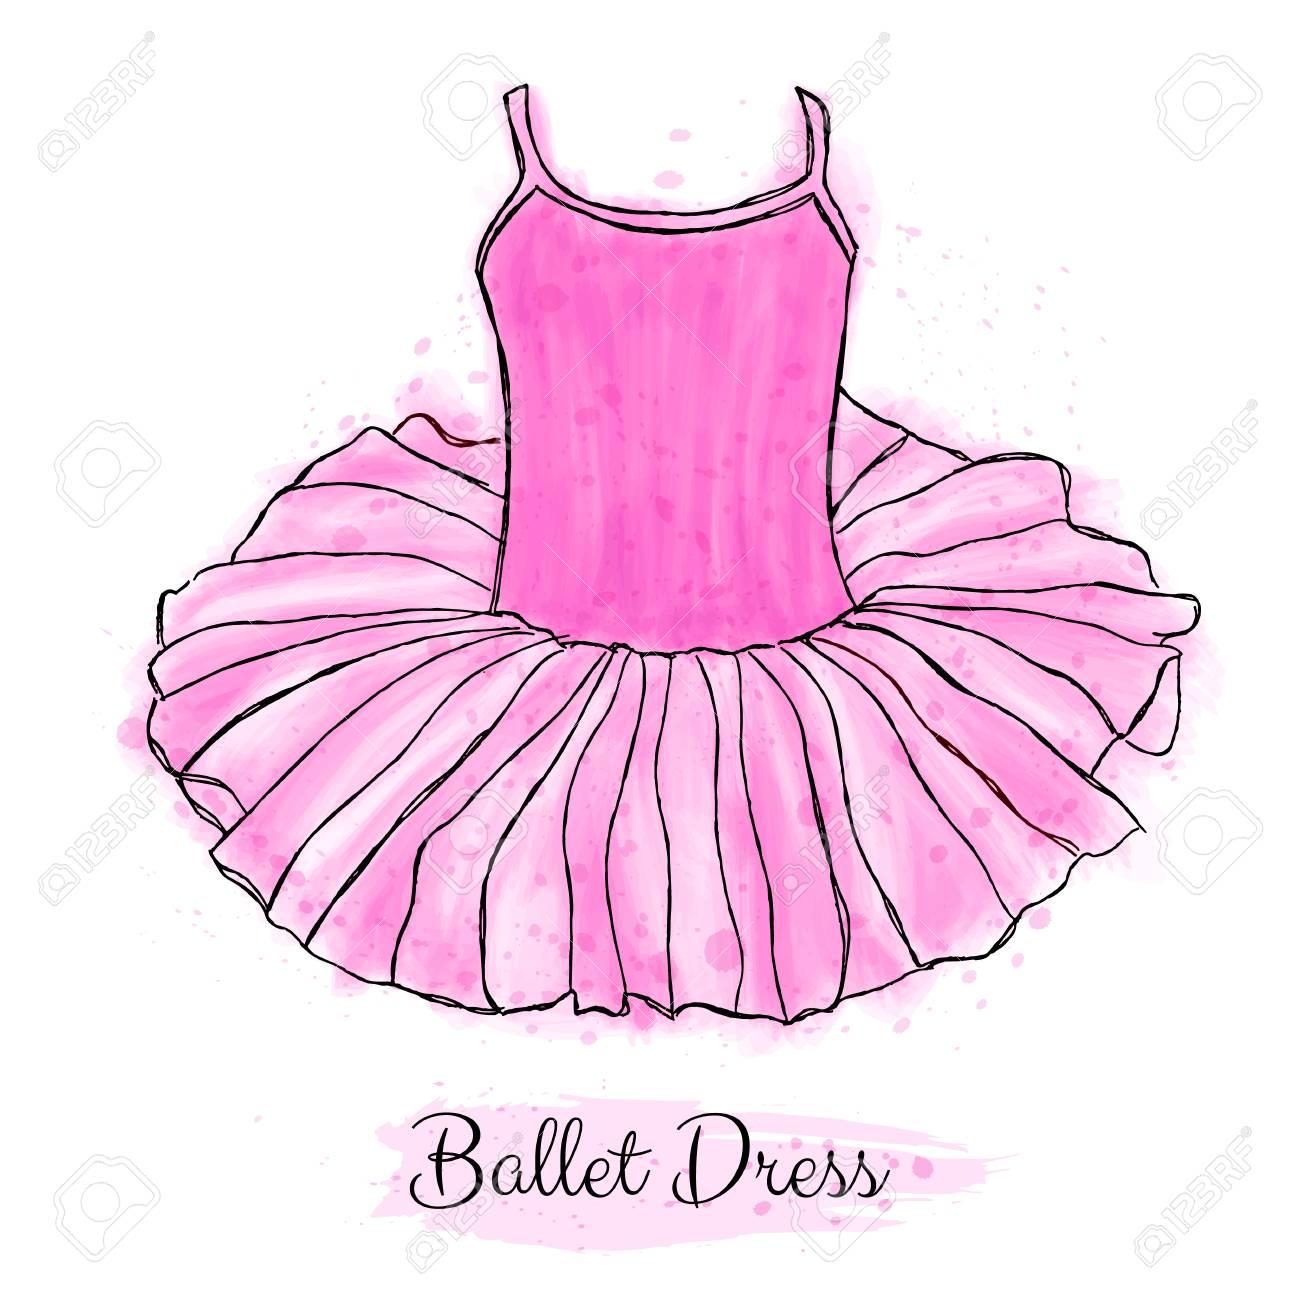 Pink ballerina tutu dress. Classic performance ballet dance dress.